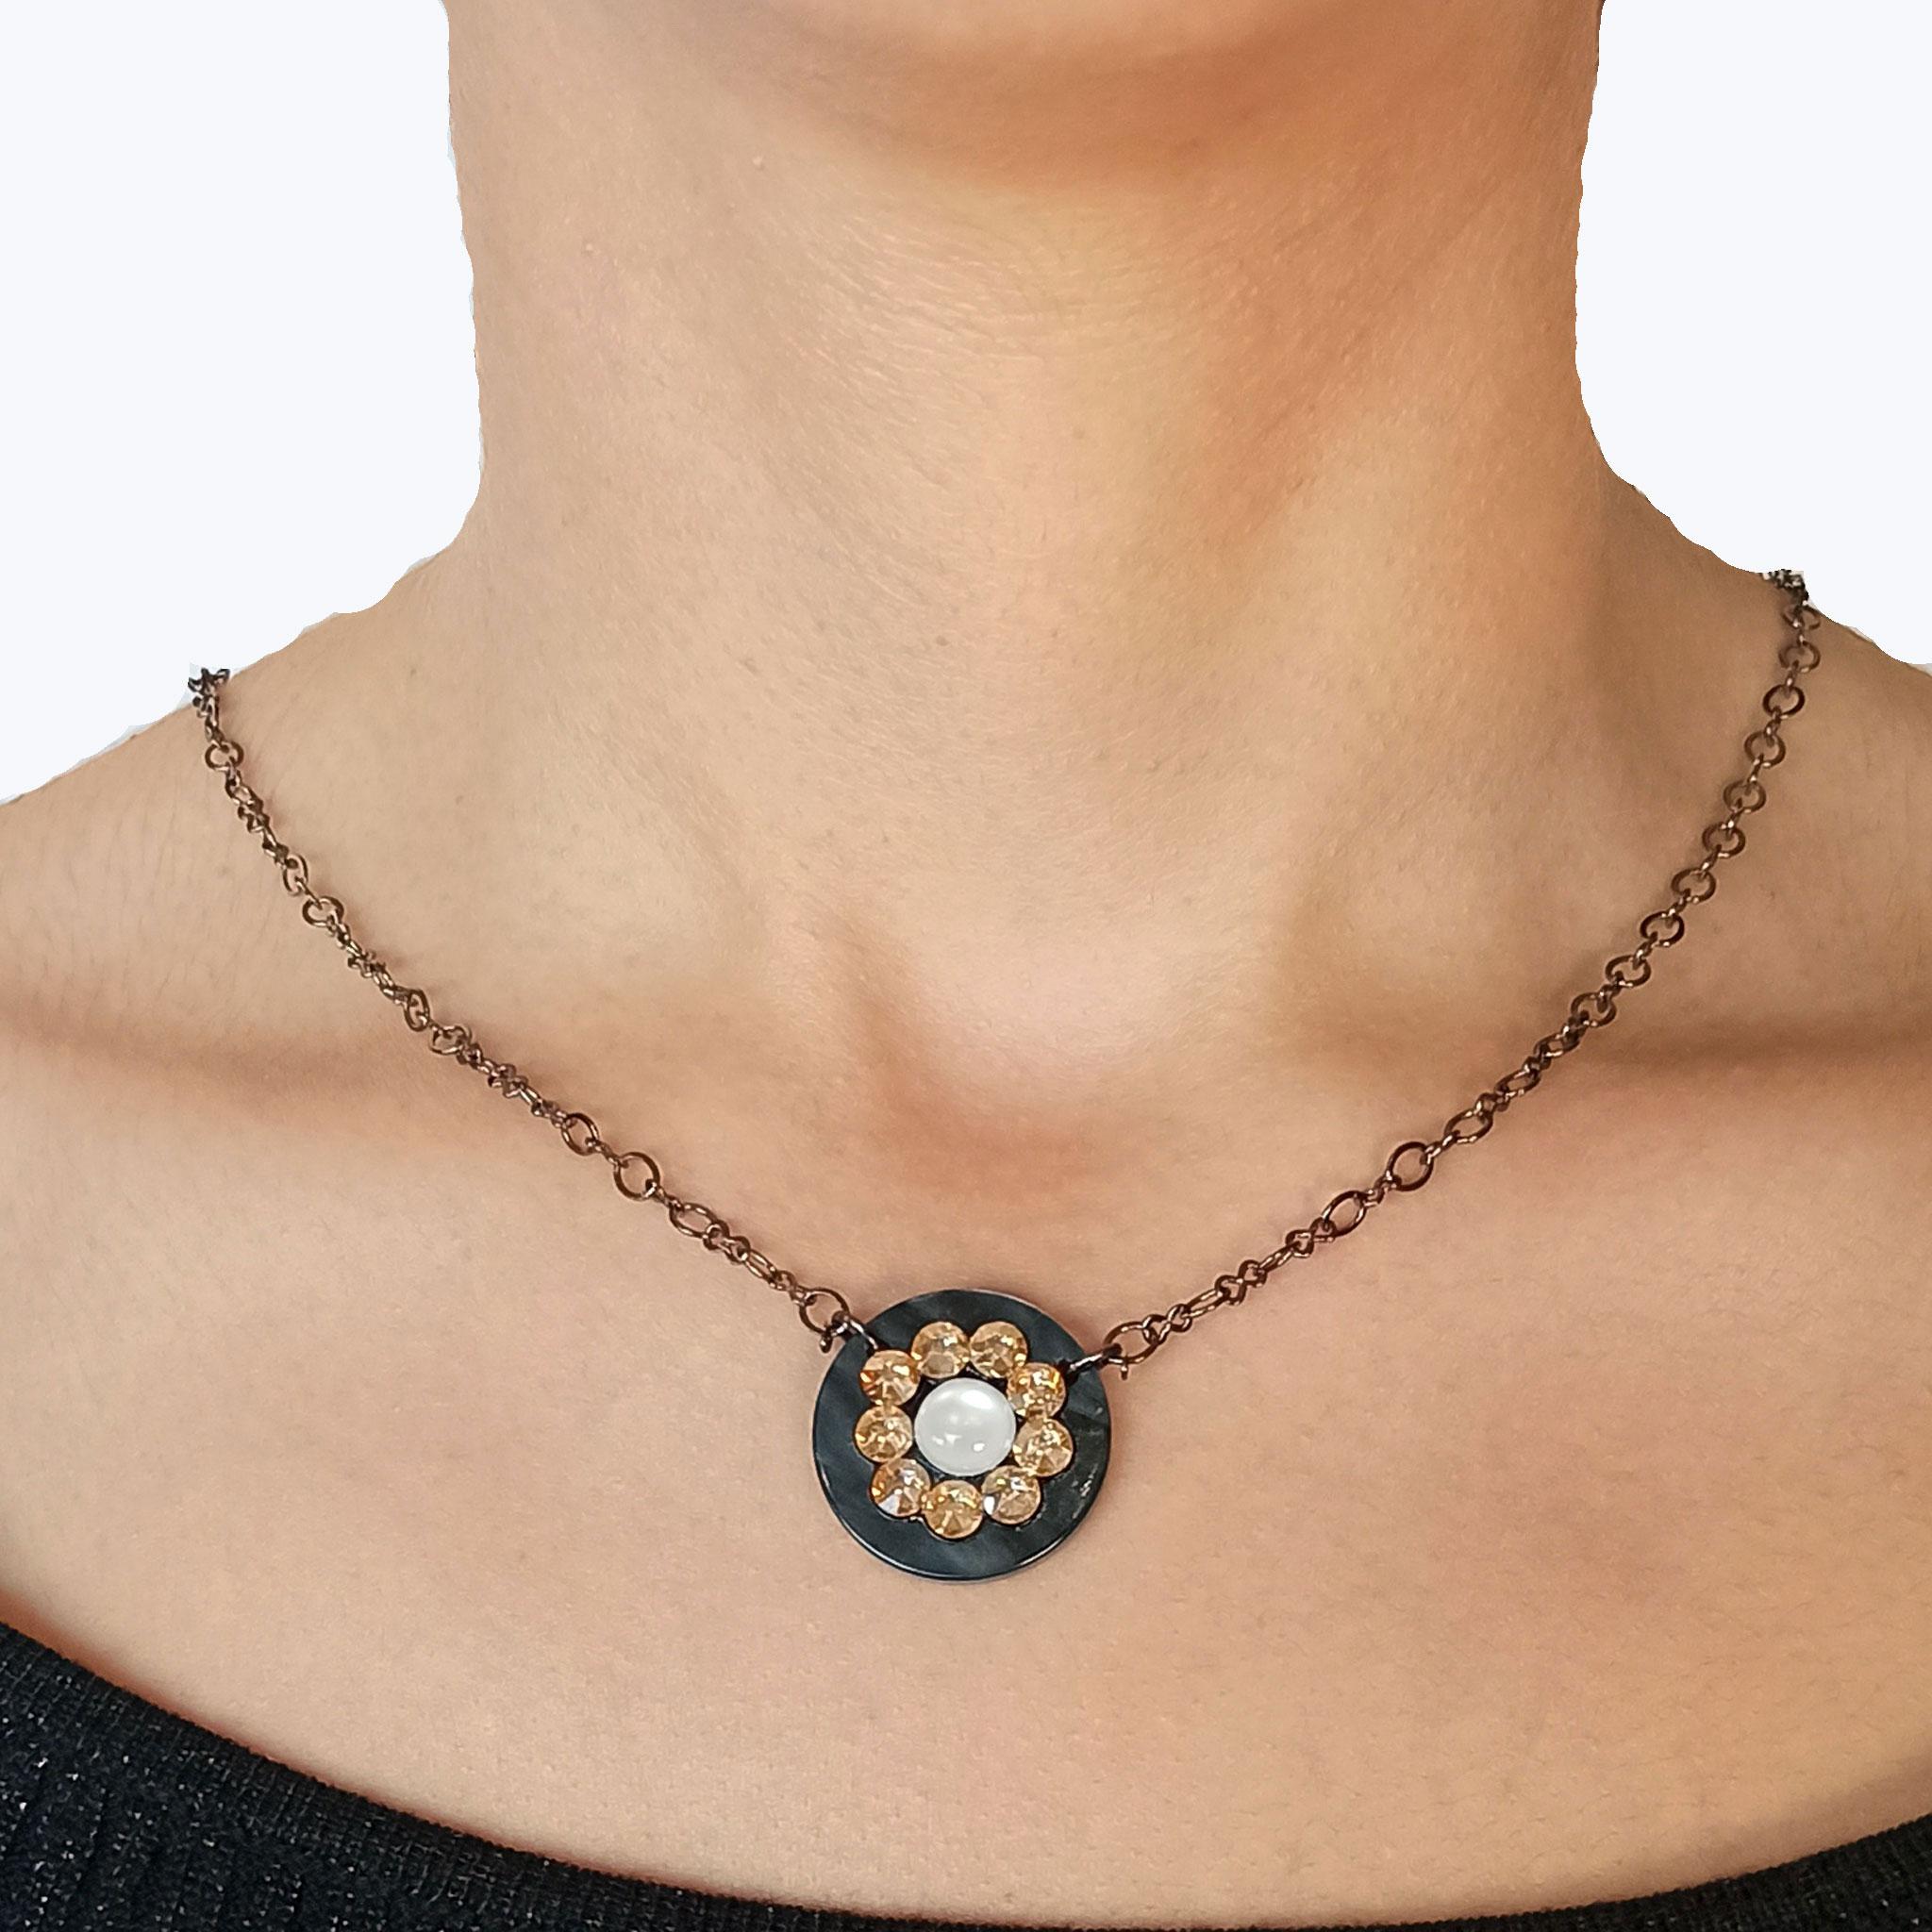 Κολιέ Πλέξι Μαύρο Ακρυλικό με Πέτρες Swarovski1